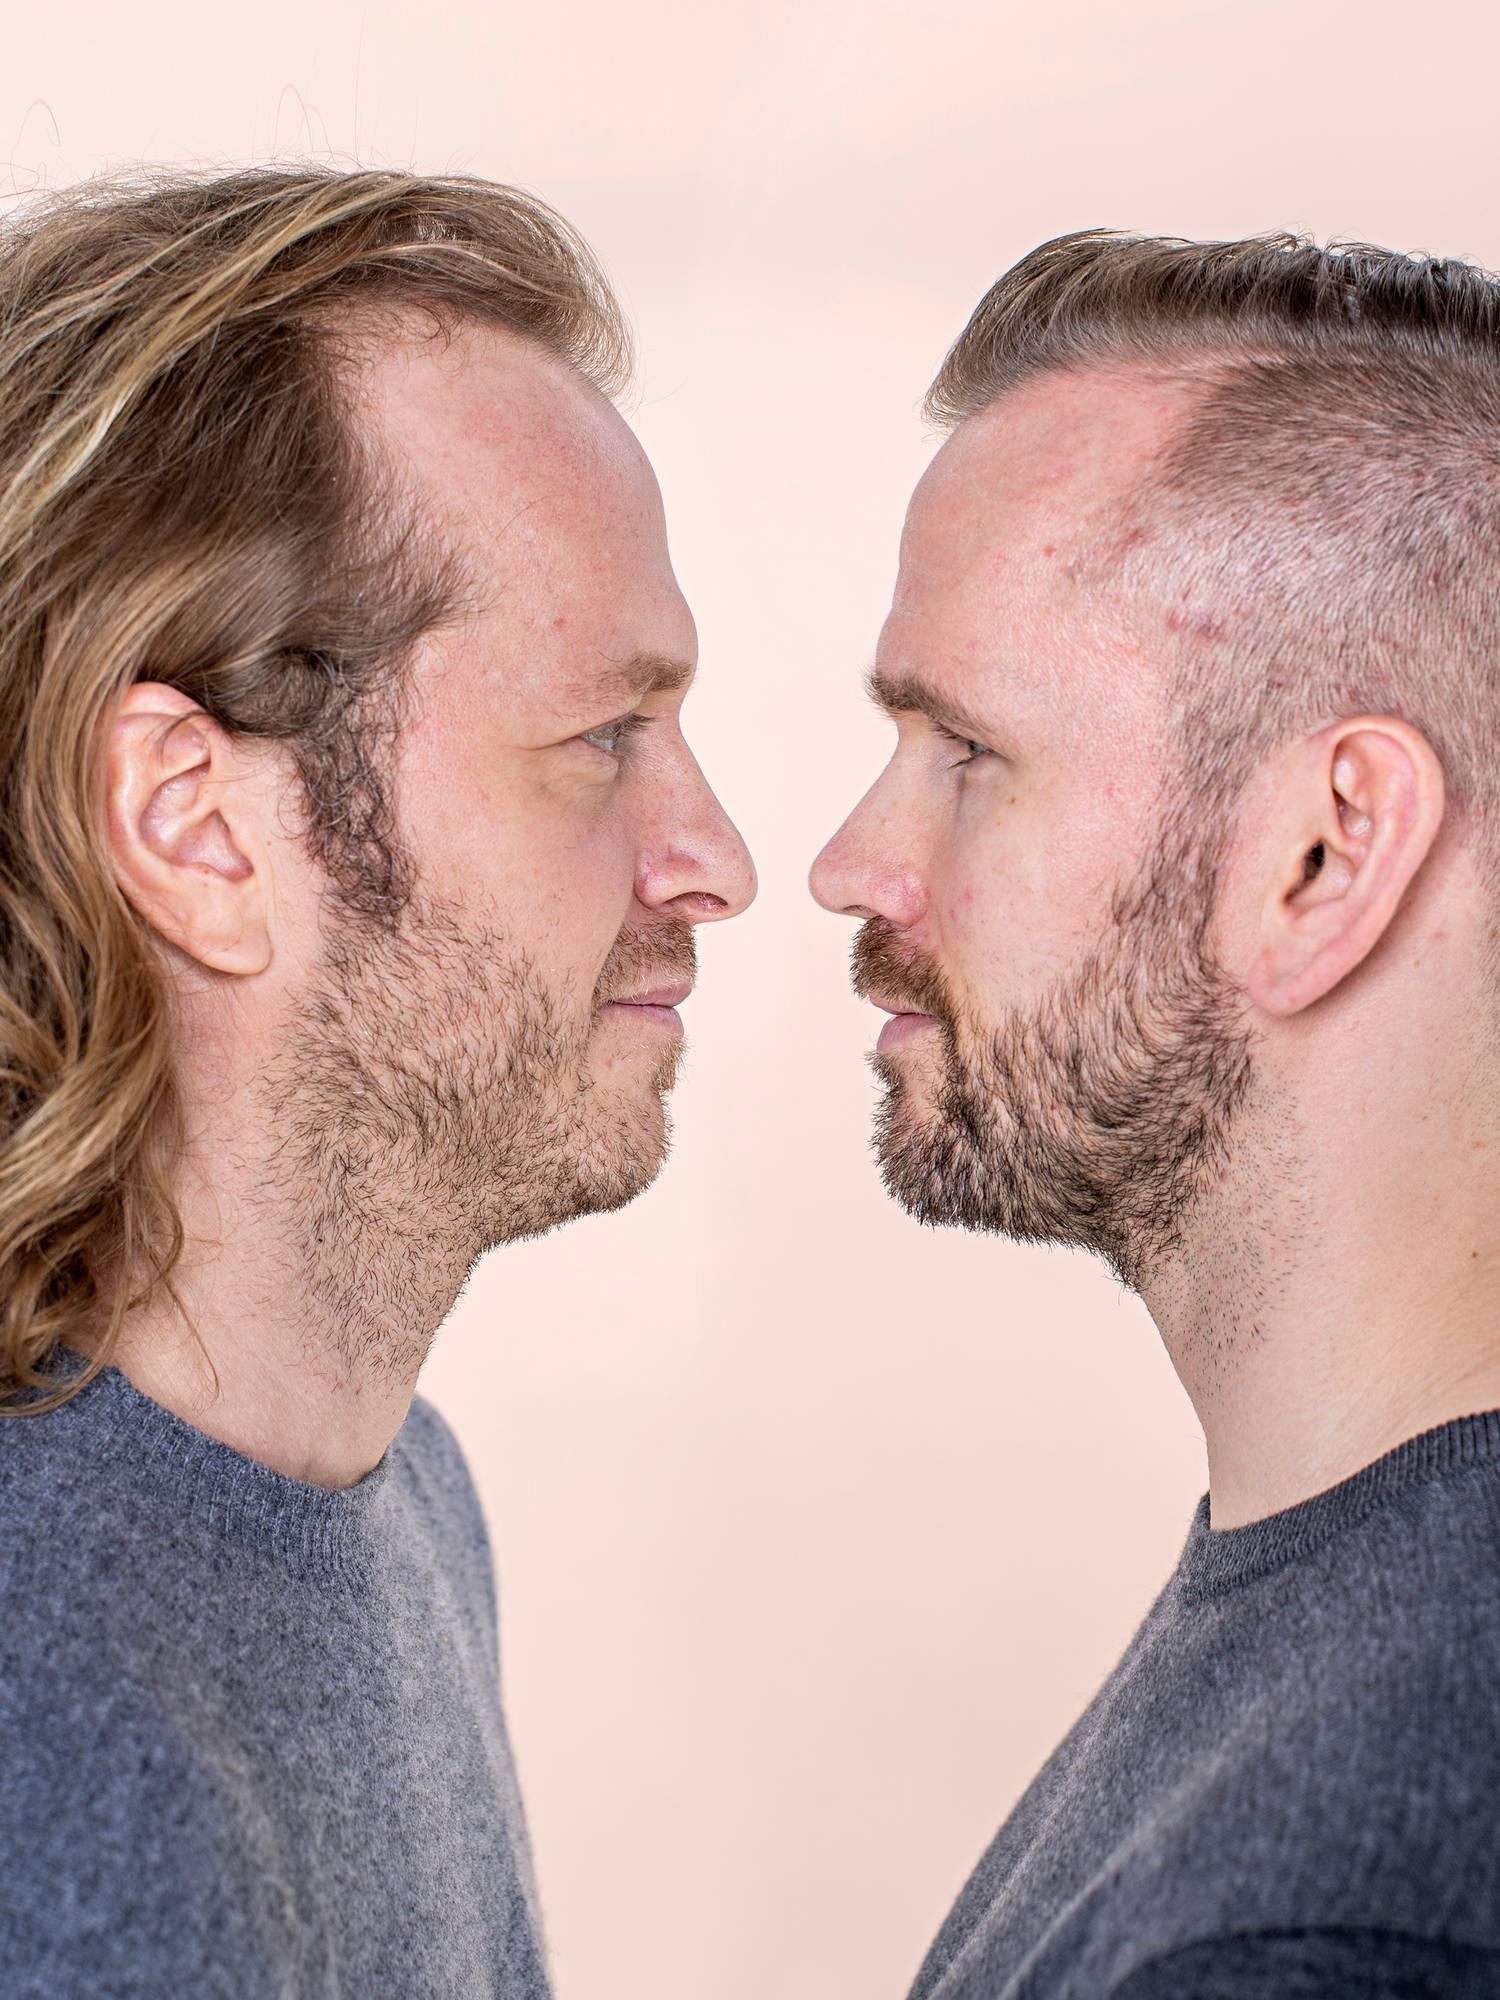 Timo ja Juuso ovat yrittäneet selvittää, kuka heidän isänsä on. dna-testi. perinnöllisyys. geenit.